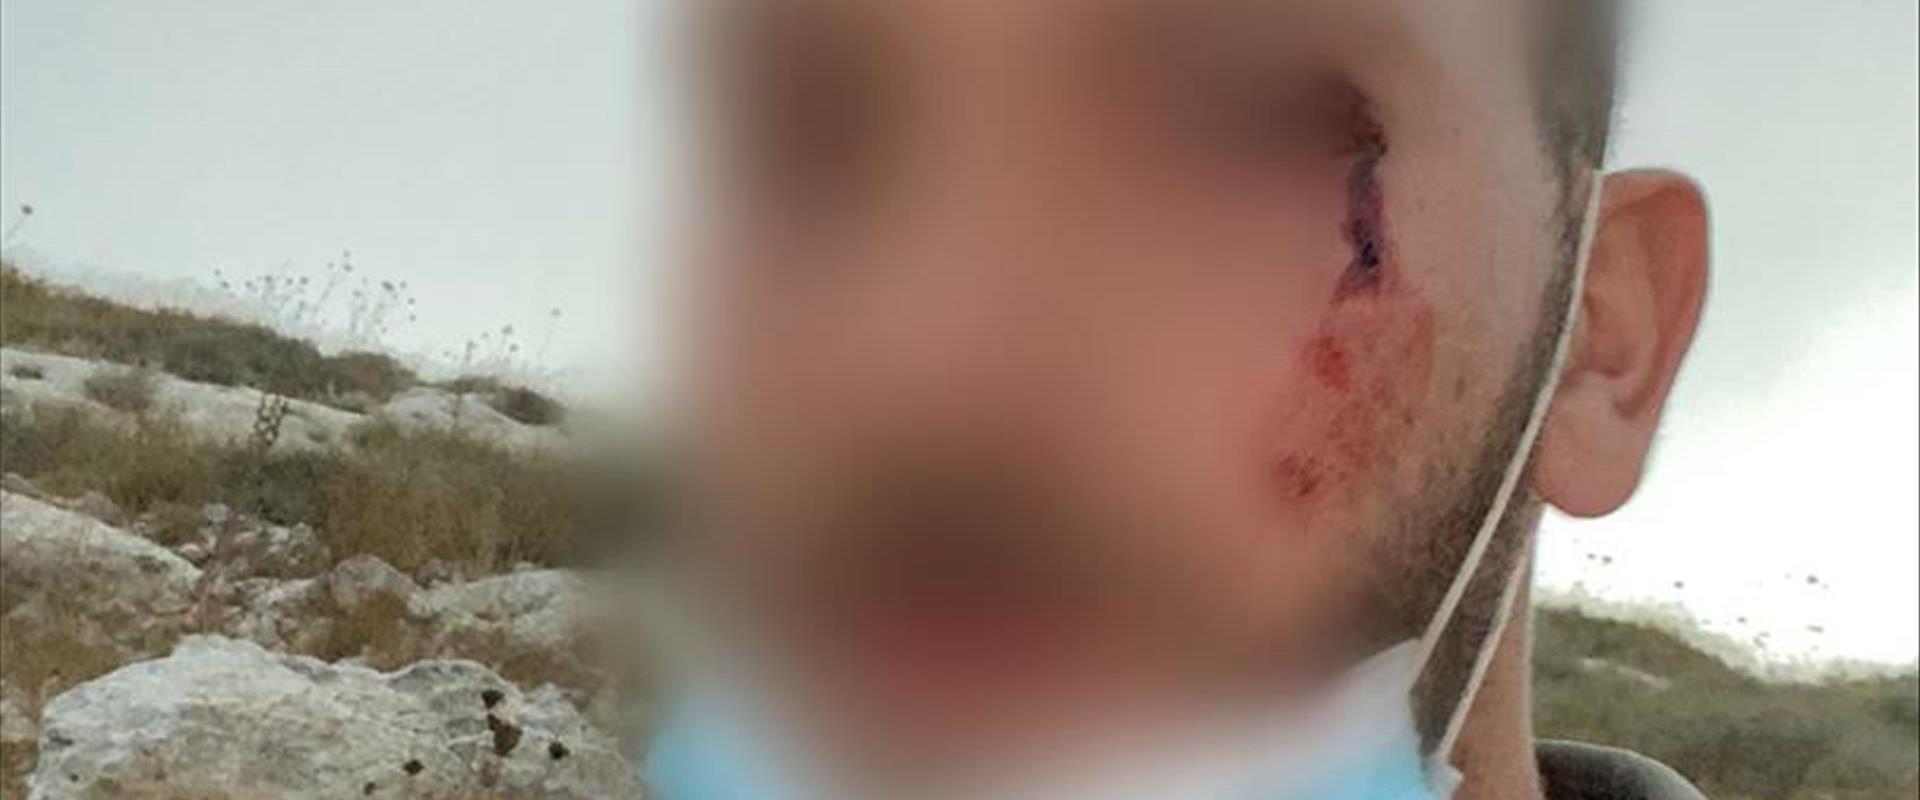 """חייל מג""""ב שנפצע במהלך פינוי מאחז """"קומי אורי"""""""